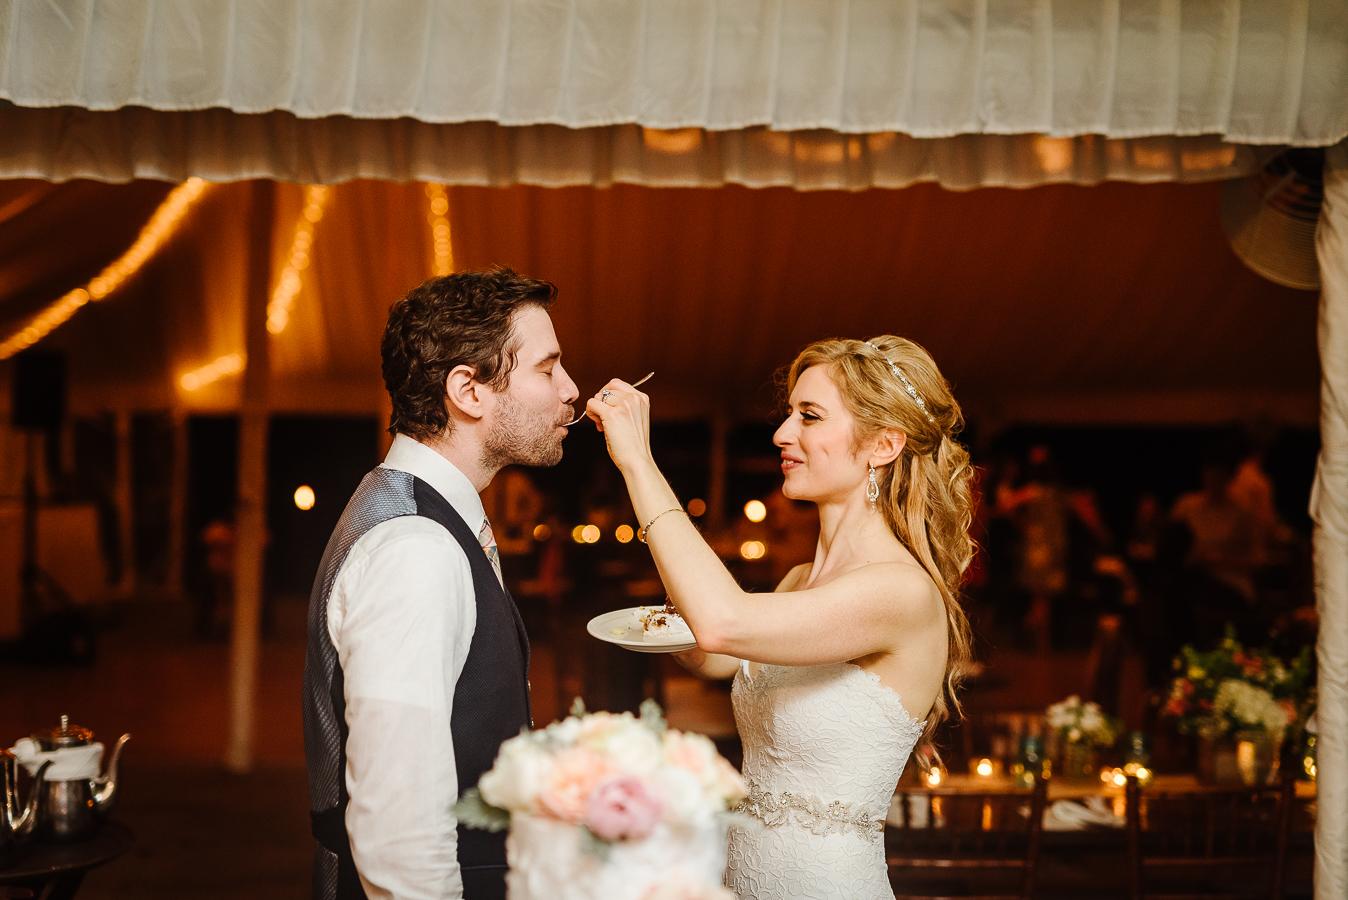 Stylish Crossed Keys Inn Wedding Crossed Keys Wedding Crossed Keys Inn Andover NJ Longbrook Photography-92.jpg